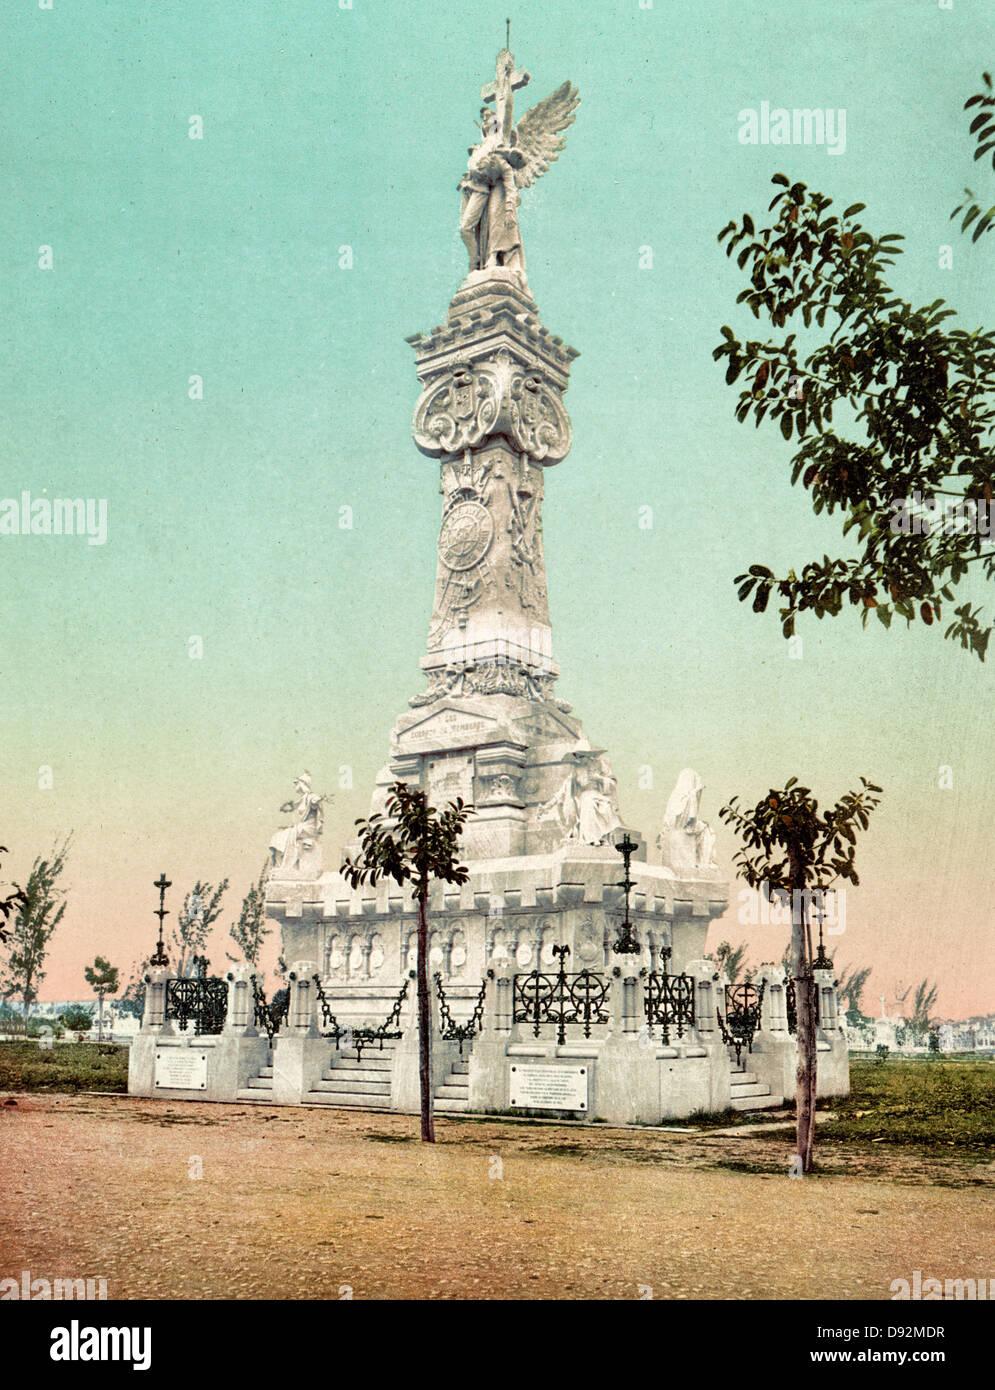 Monumento a los Bomberos, Habana - vigile del fuoco è un monumento, Havanna Cuba, circa 1900 Immagini Stock